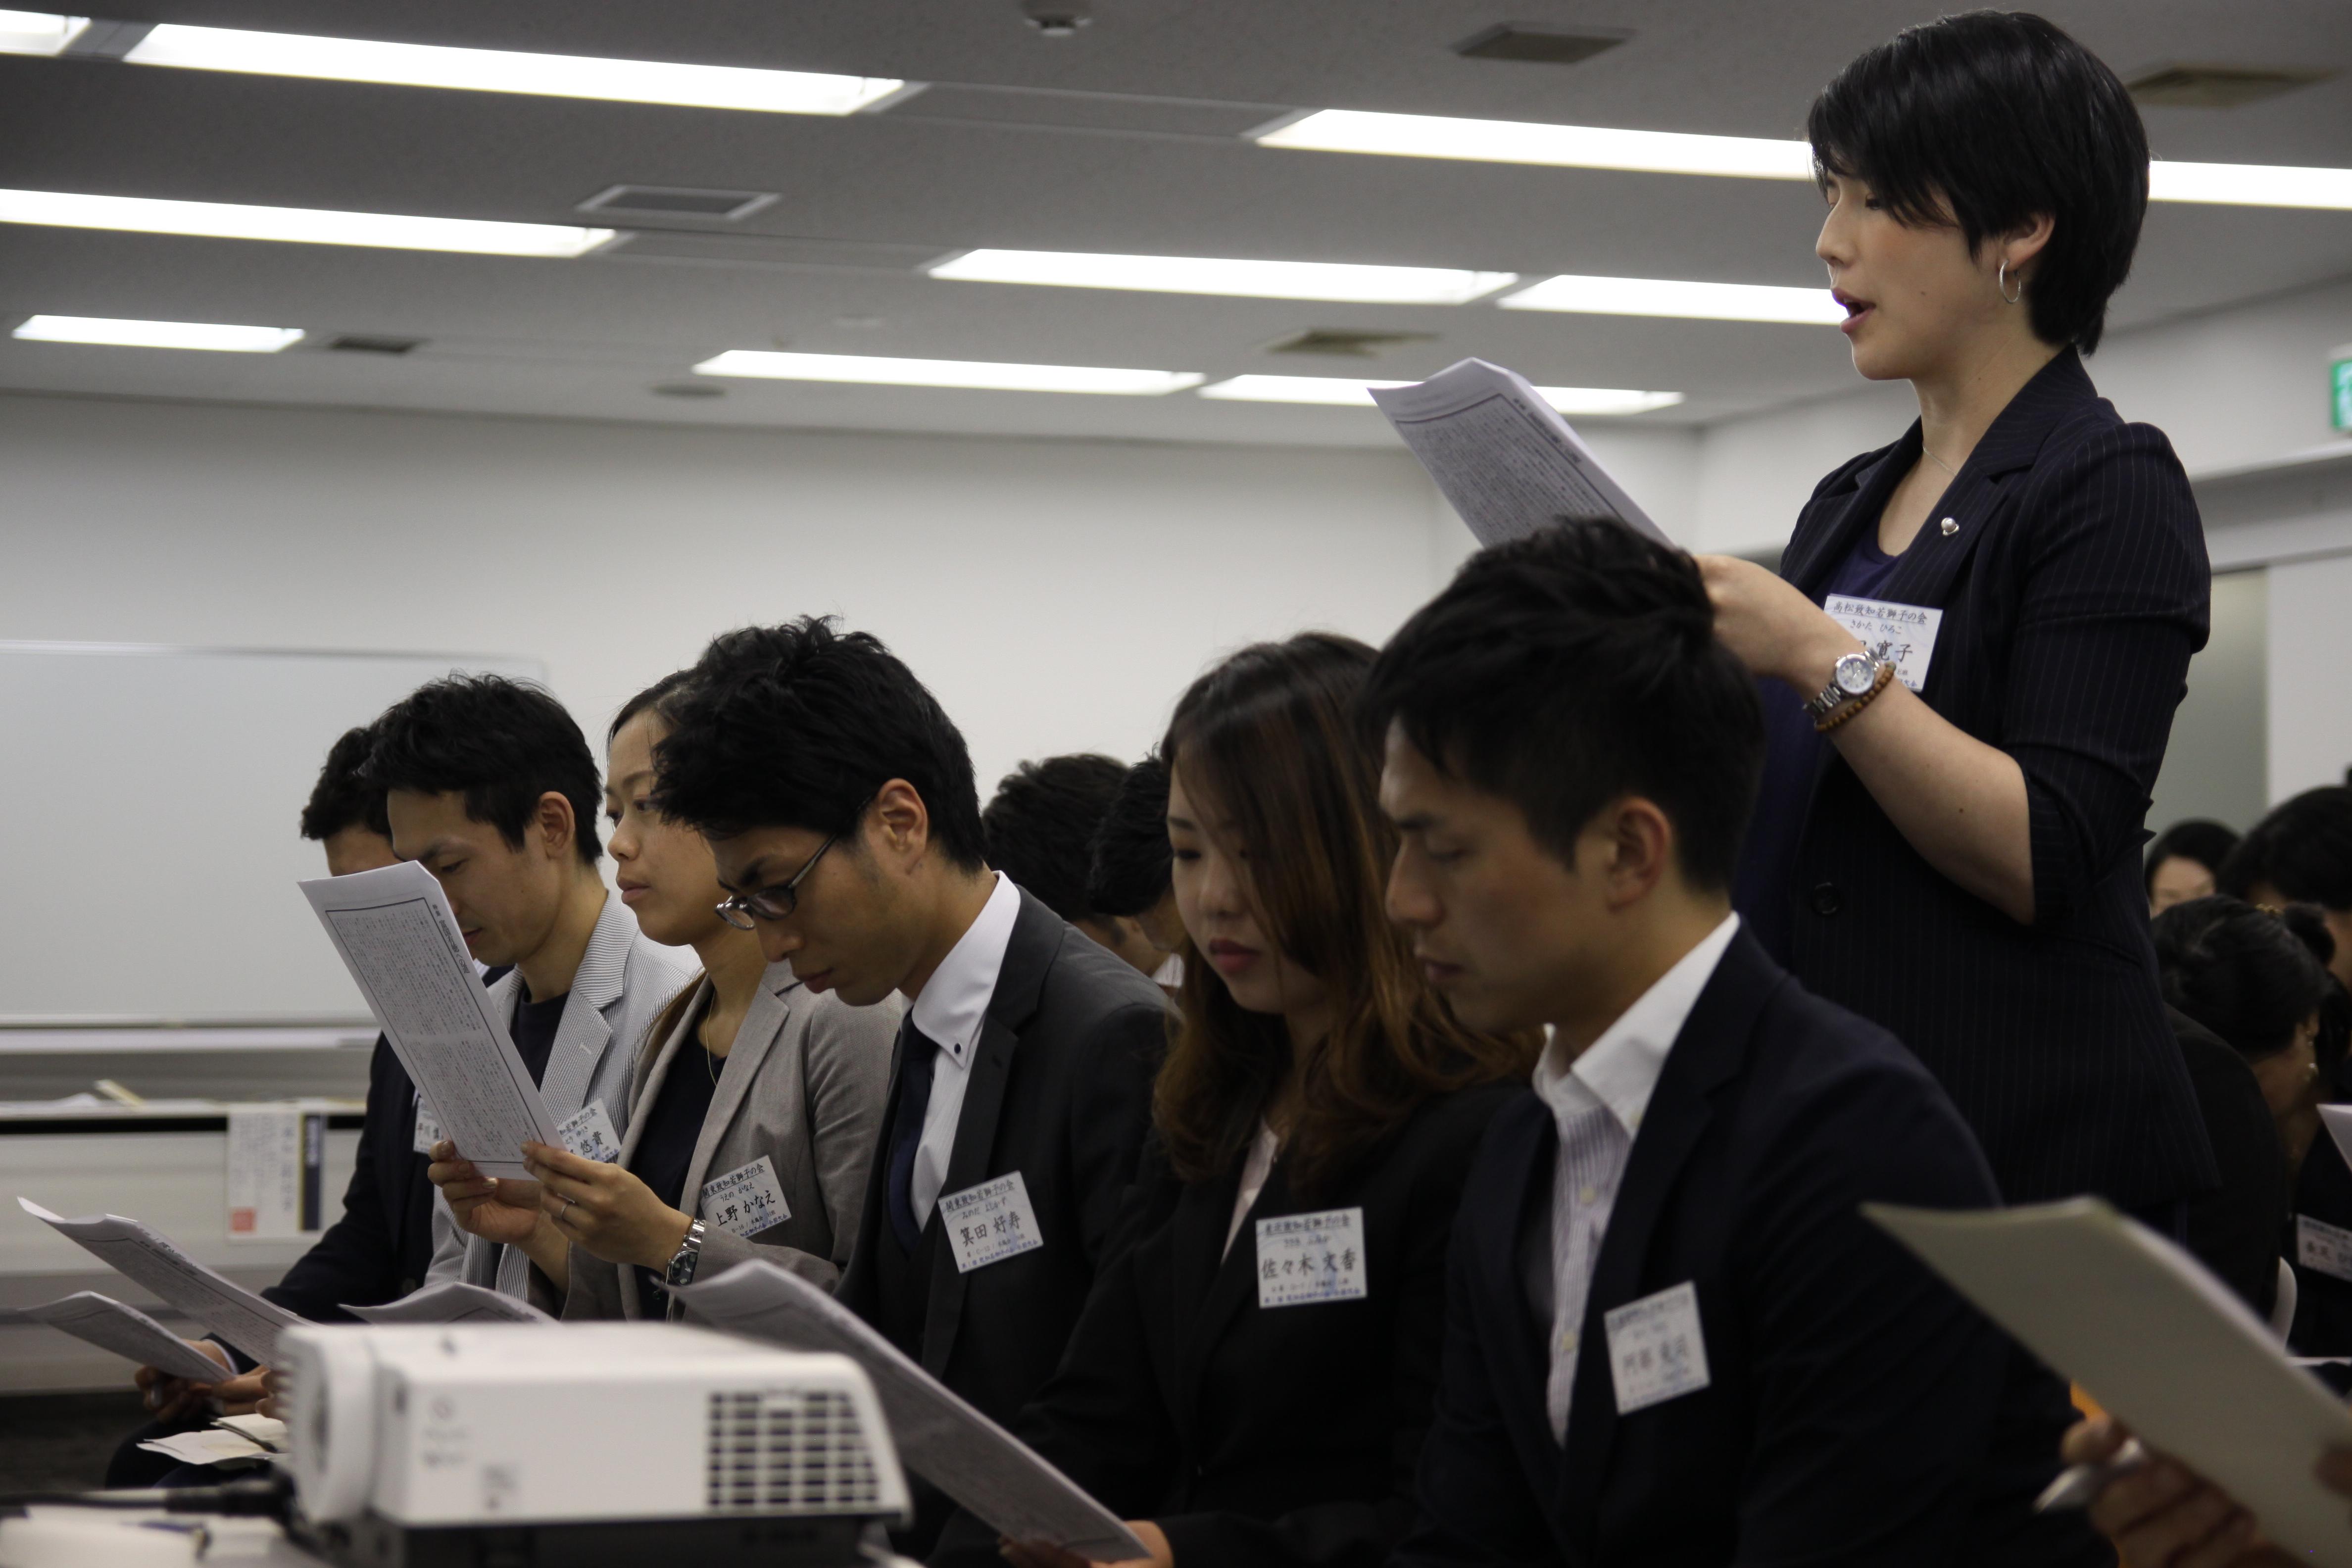 IMG 4890 - 関東若獅子の会、記念すべき第100回